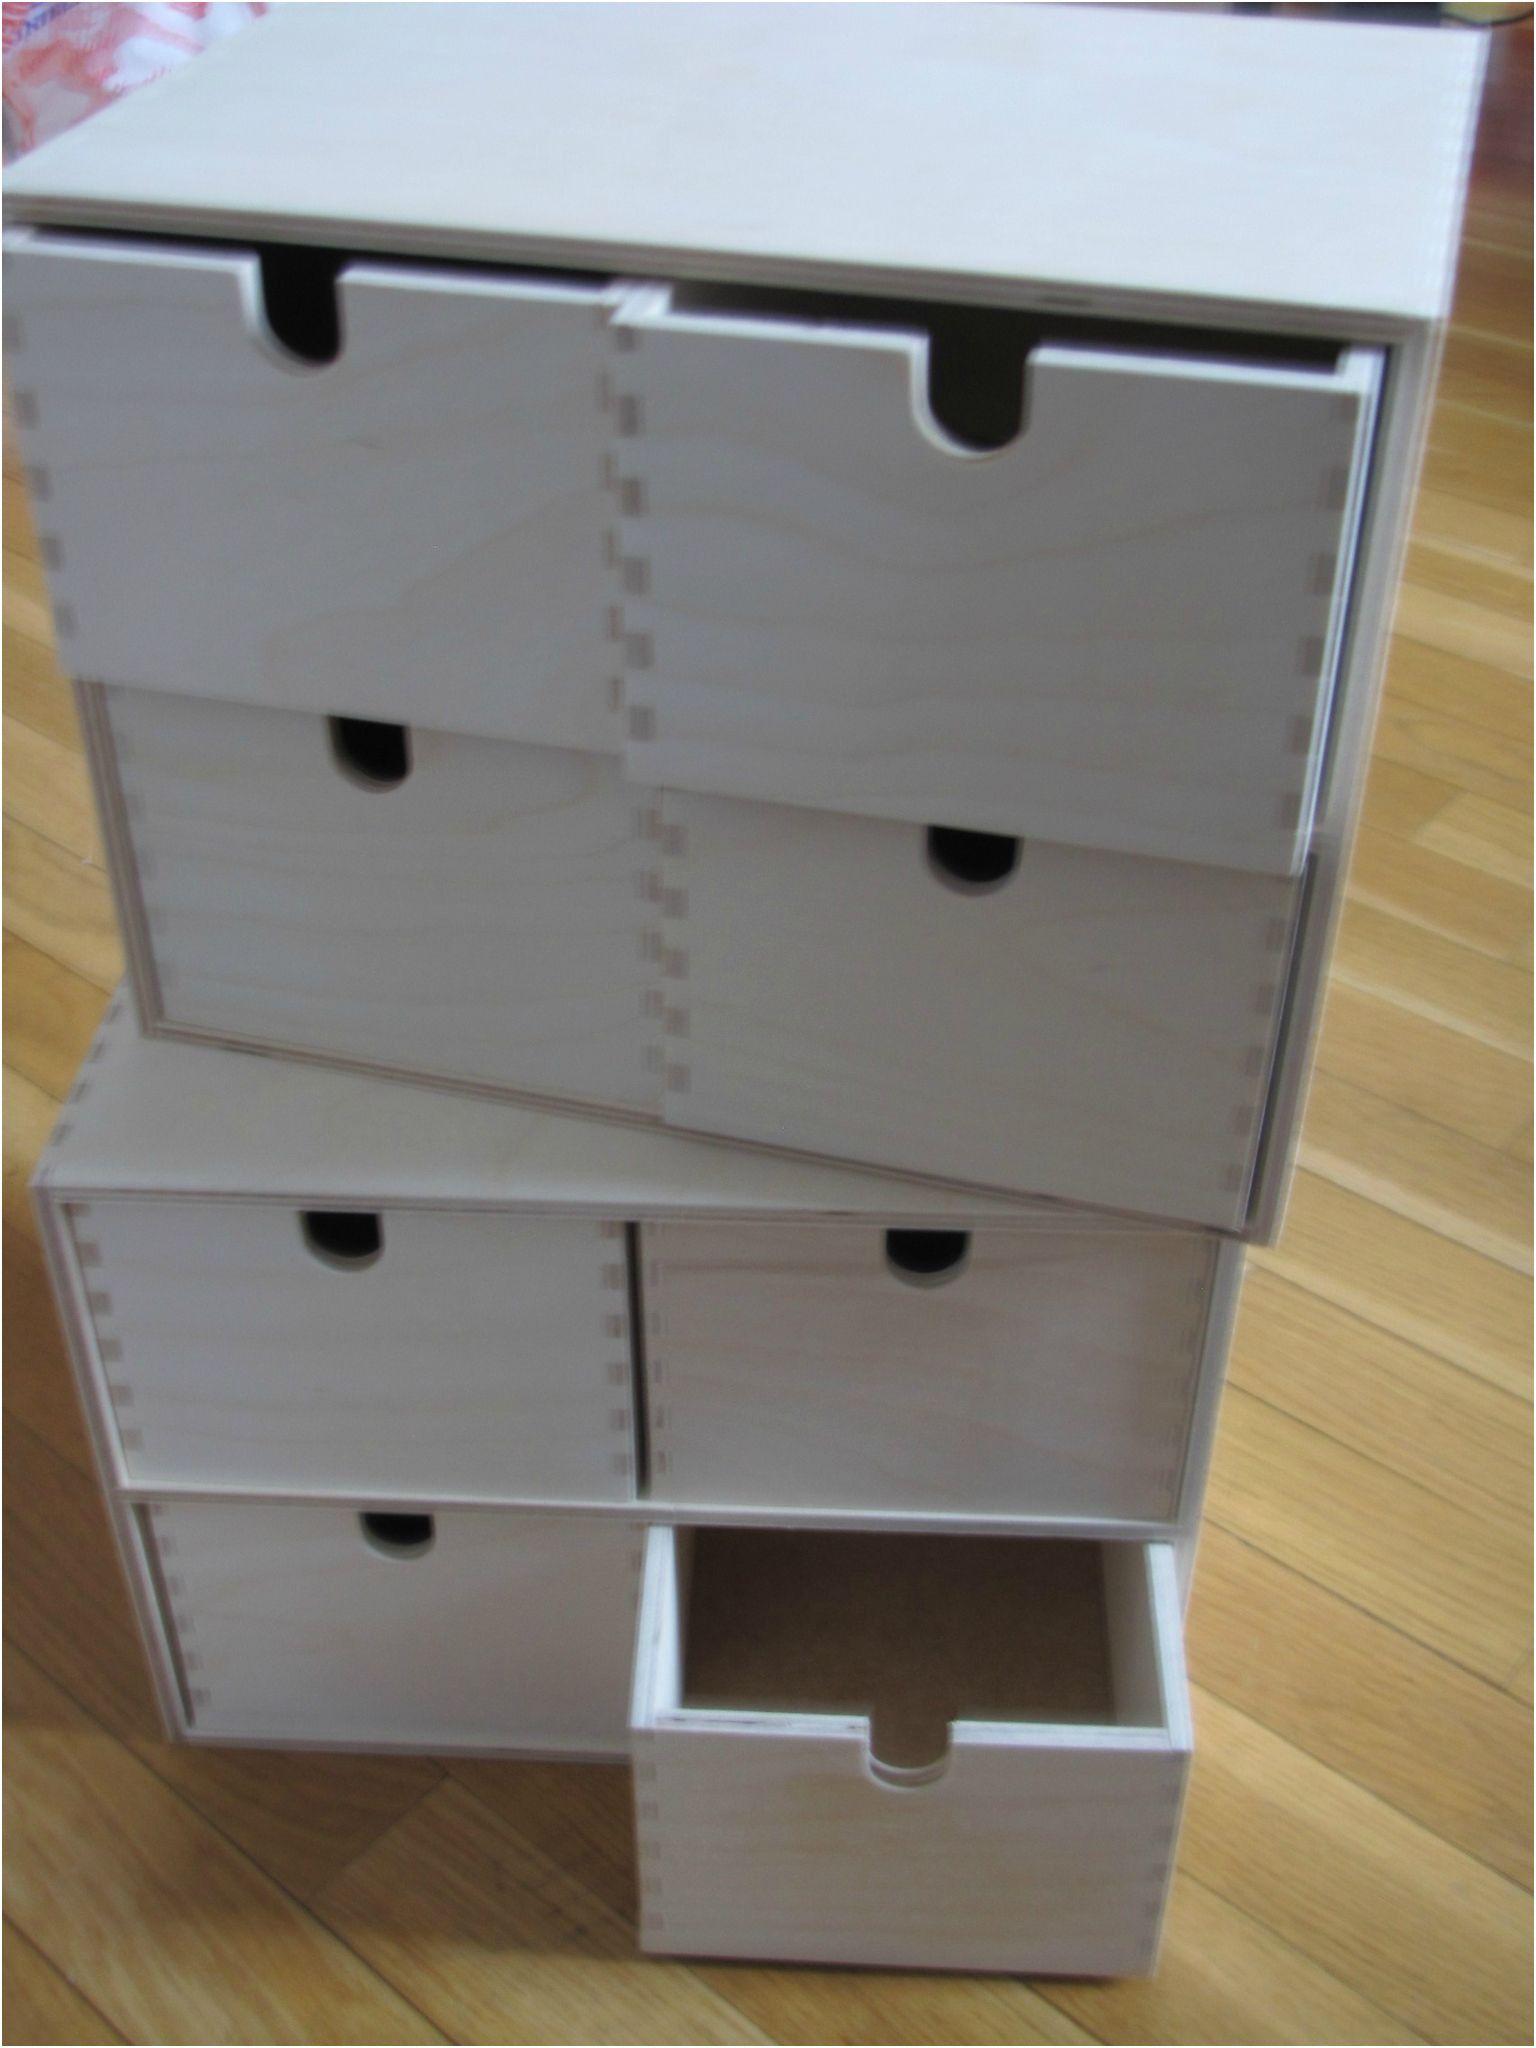 13 Agreable Coffre En Bois Ikea Minimalis